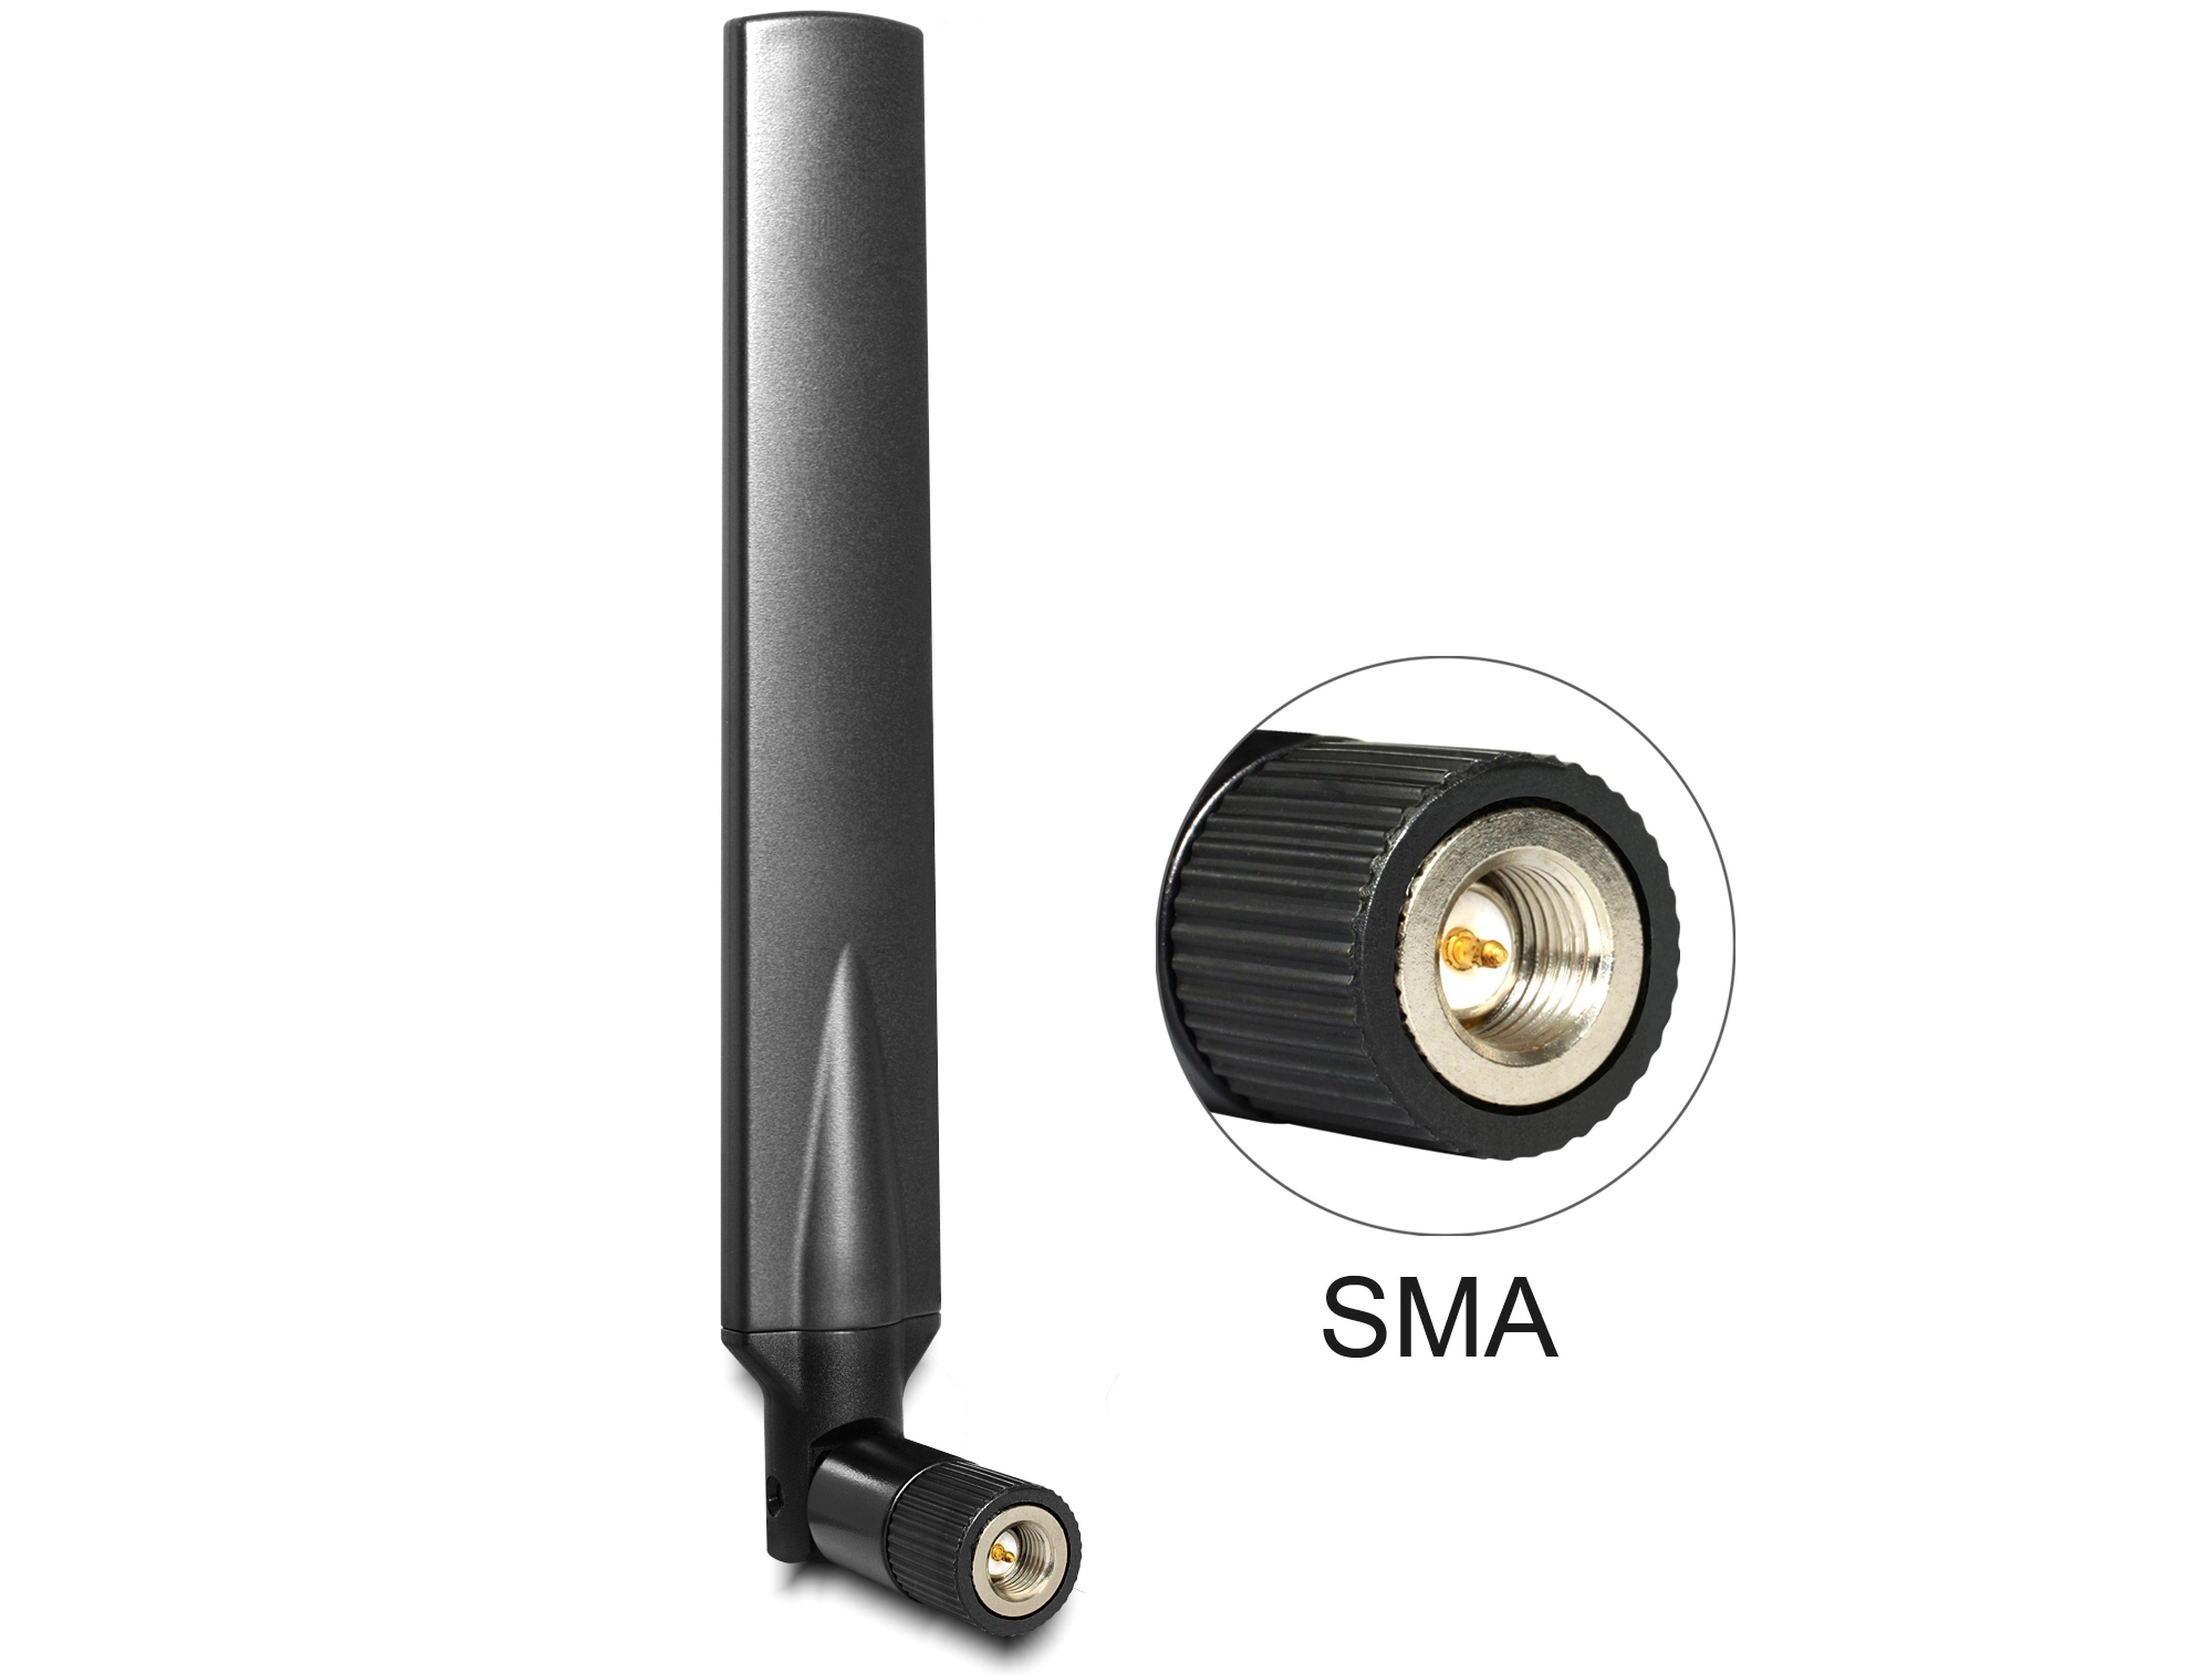 DELOCK LTE Antenne mit Kippgelenk »SMA Stecker 1 - 4 dBi omnidirektional«